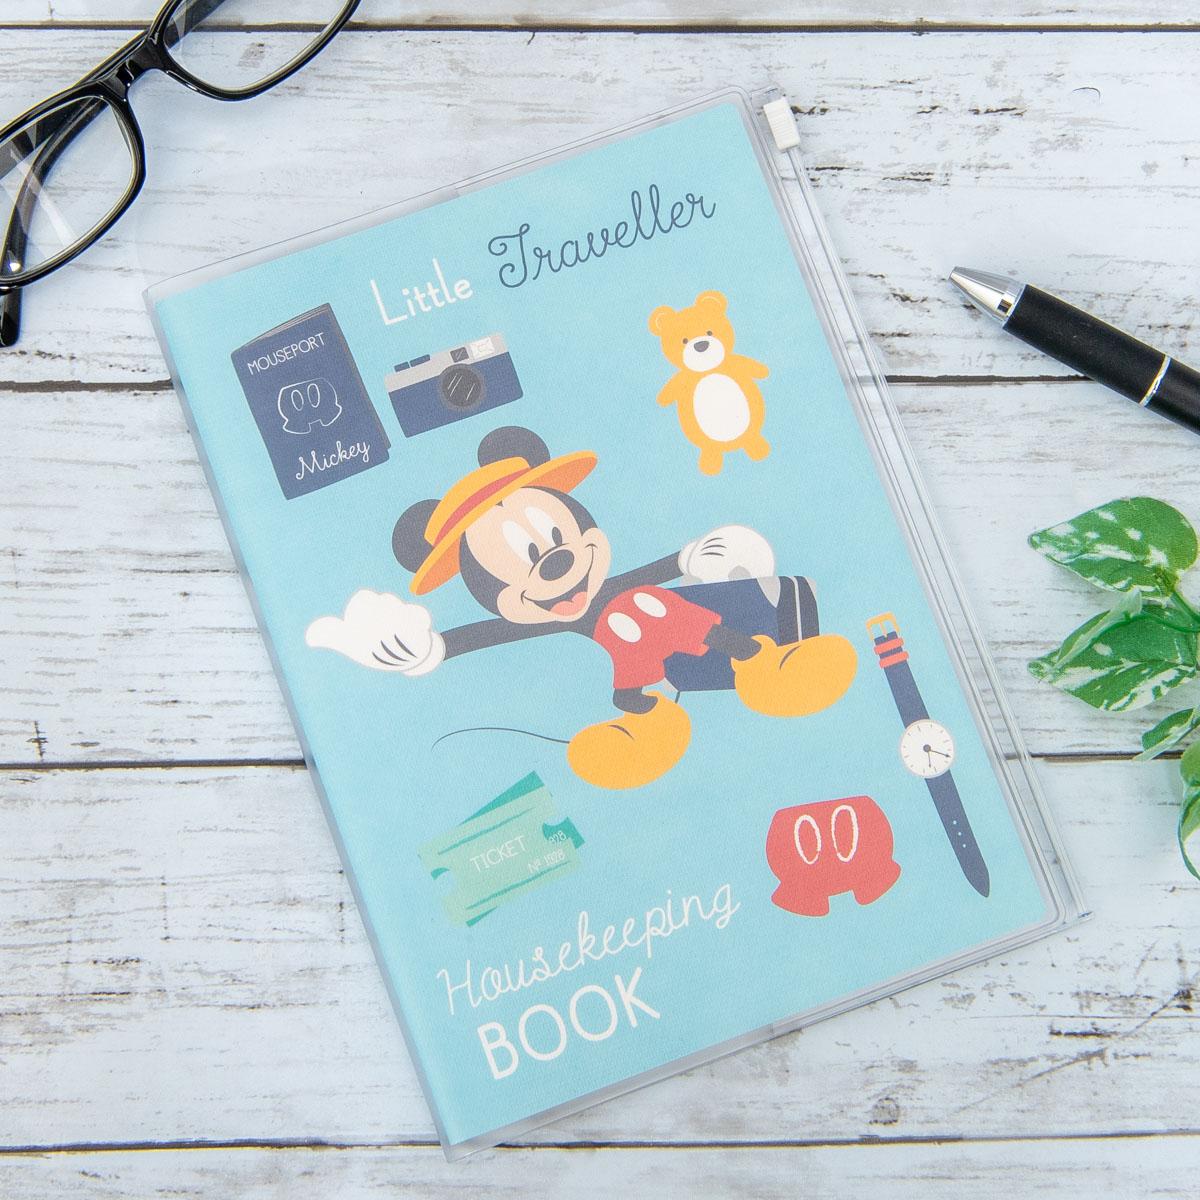 ダイゴー「ディズニー家計簿」表紙デザイン ミッキー